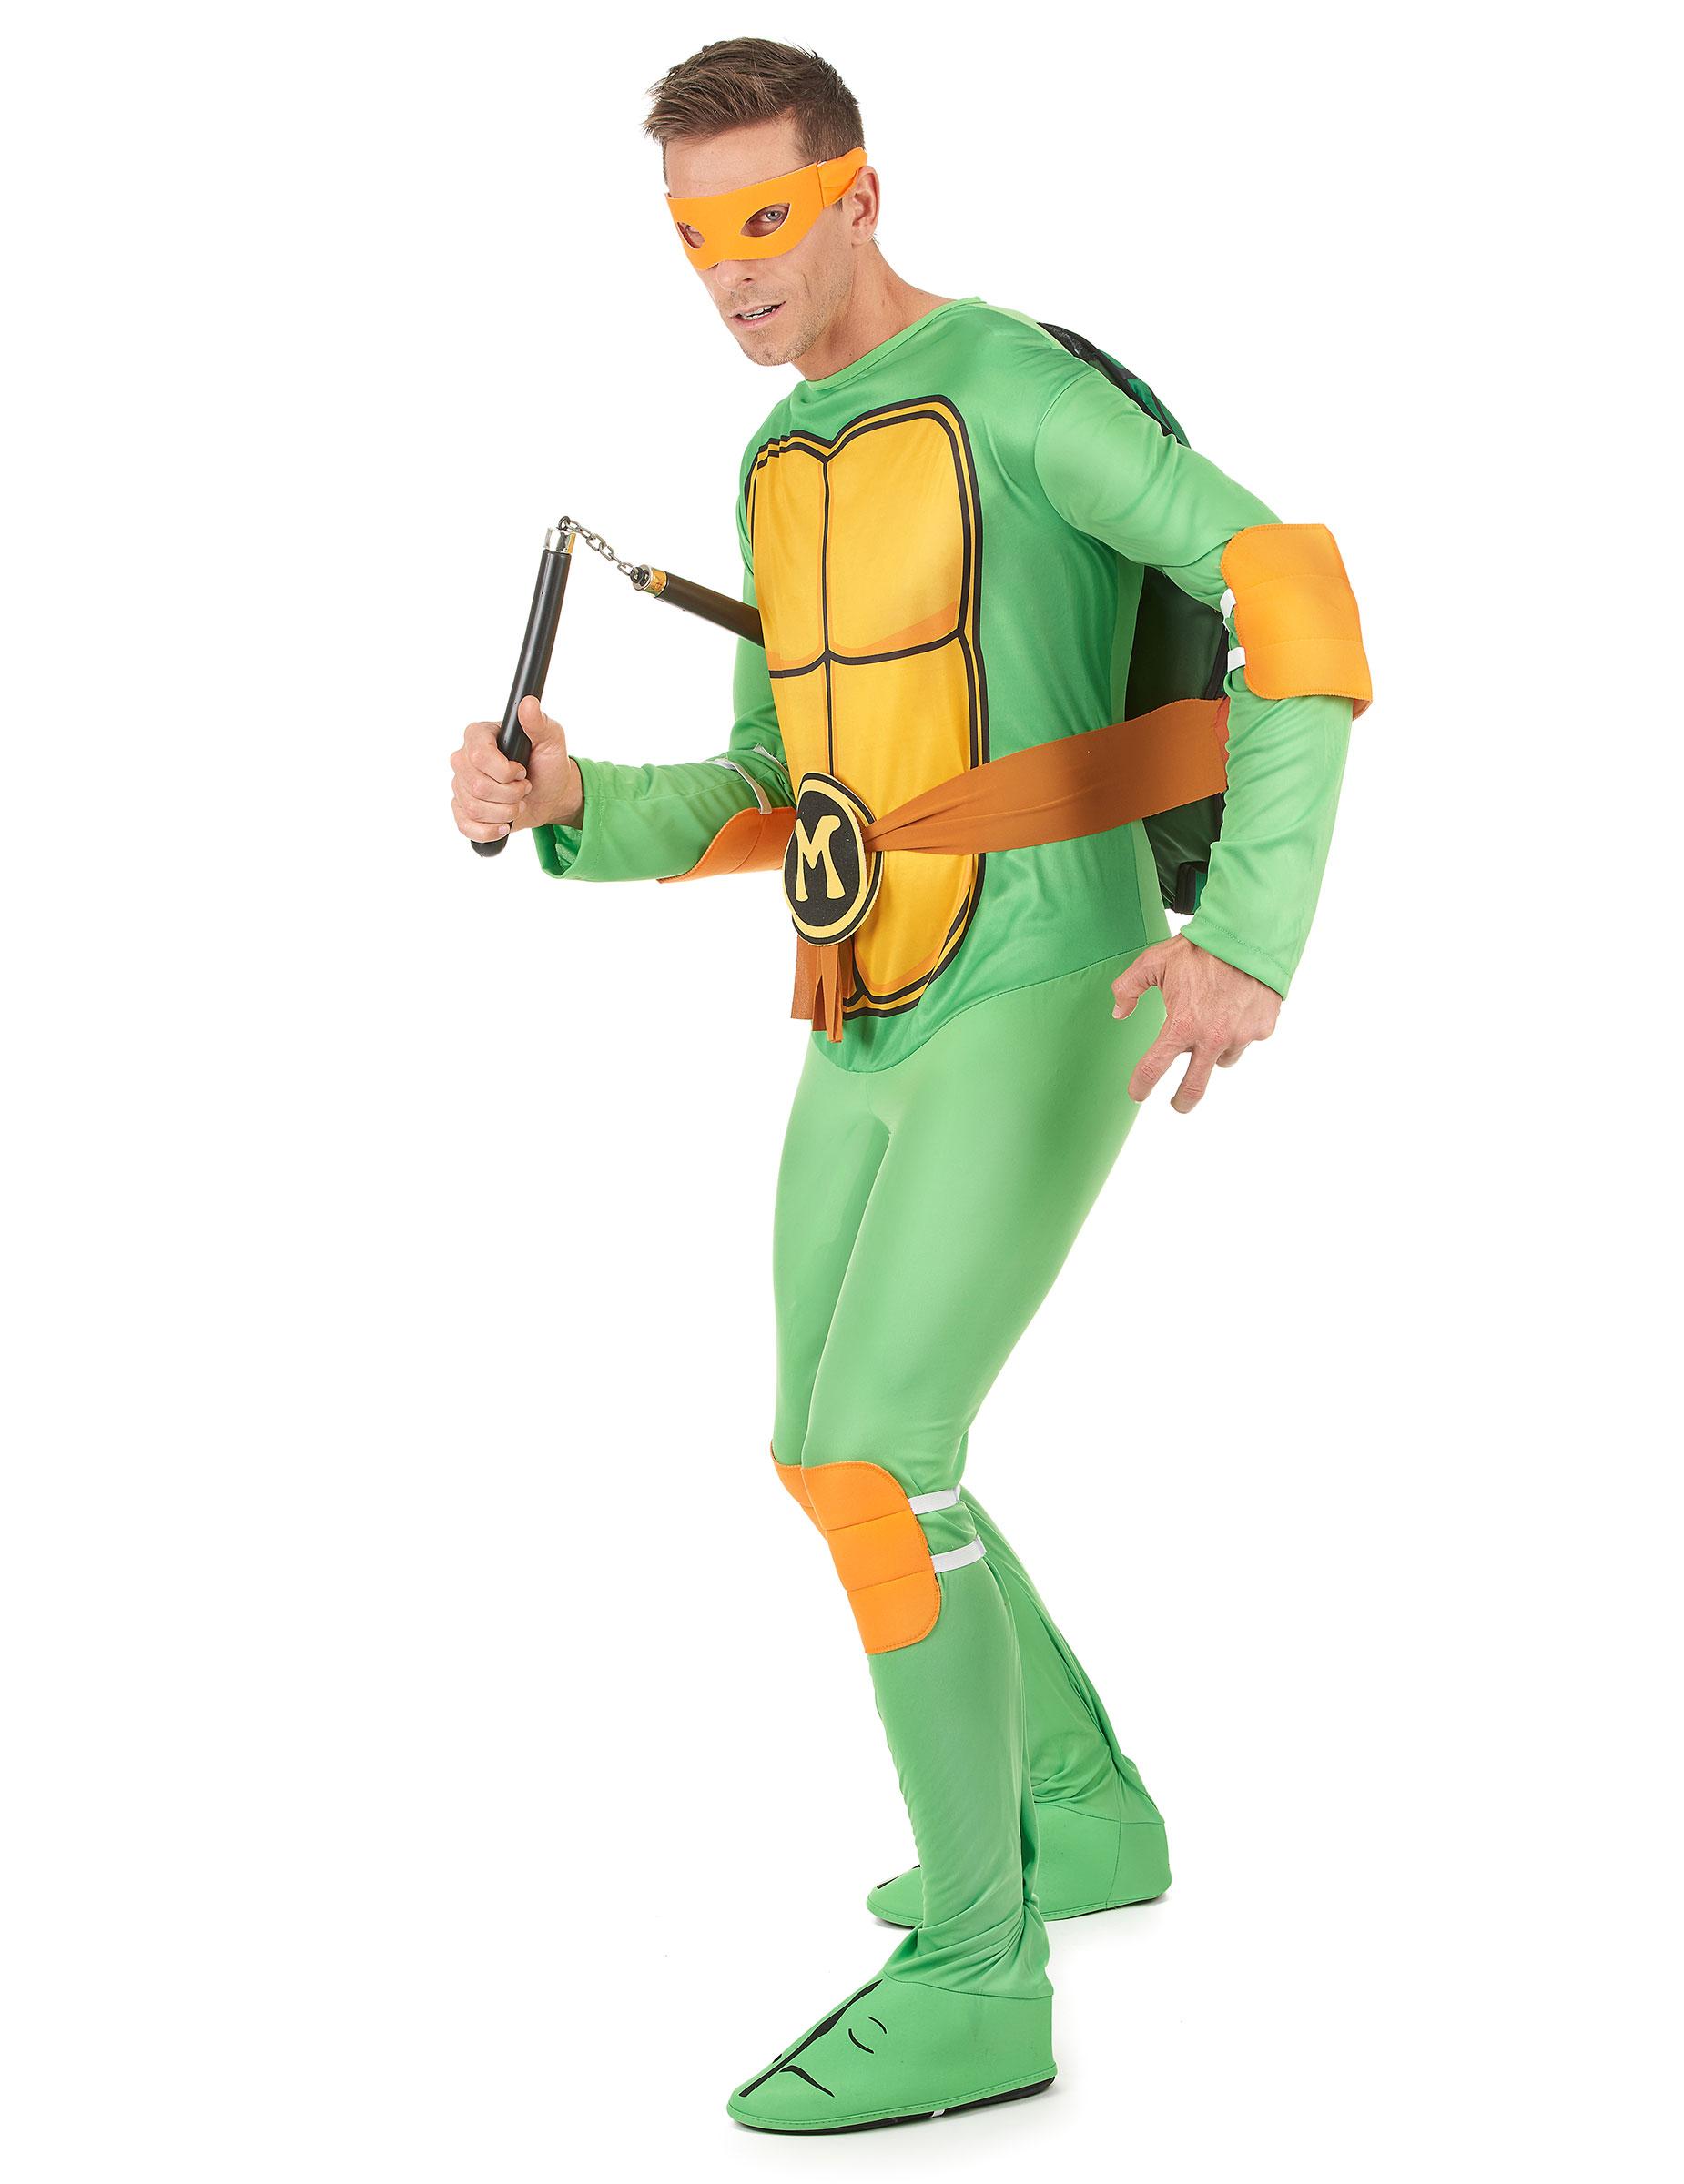 D guisement classique michelangelo tortues ninja adulte - Tortues ninja michelangelo ...